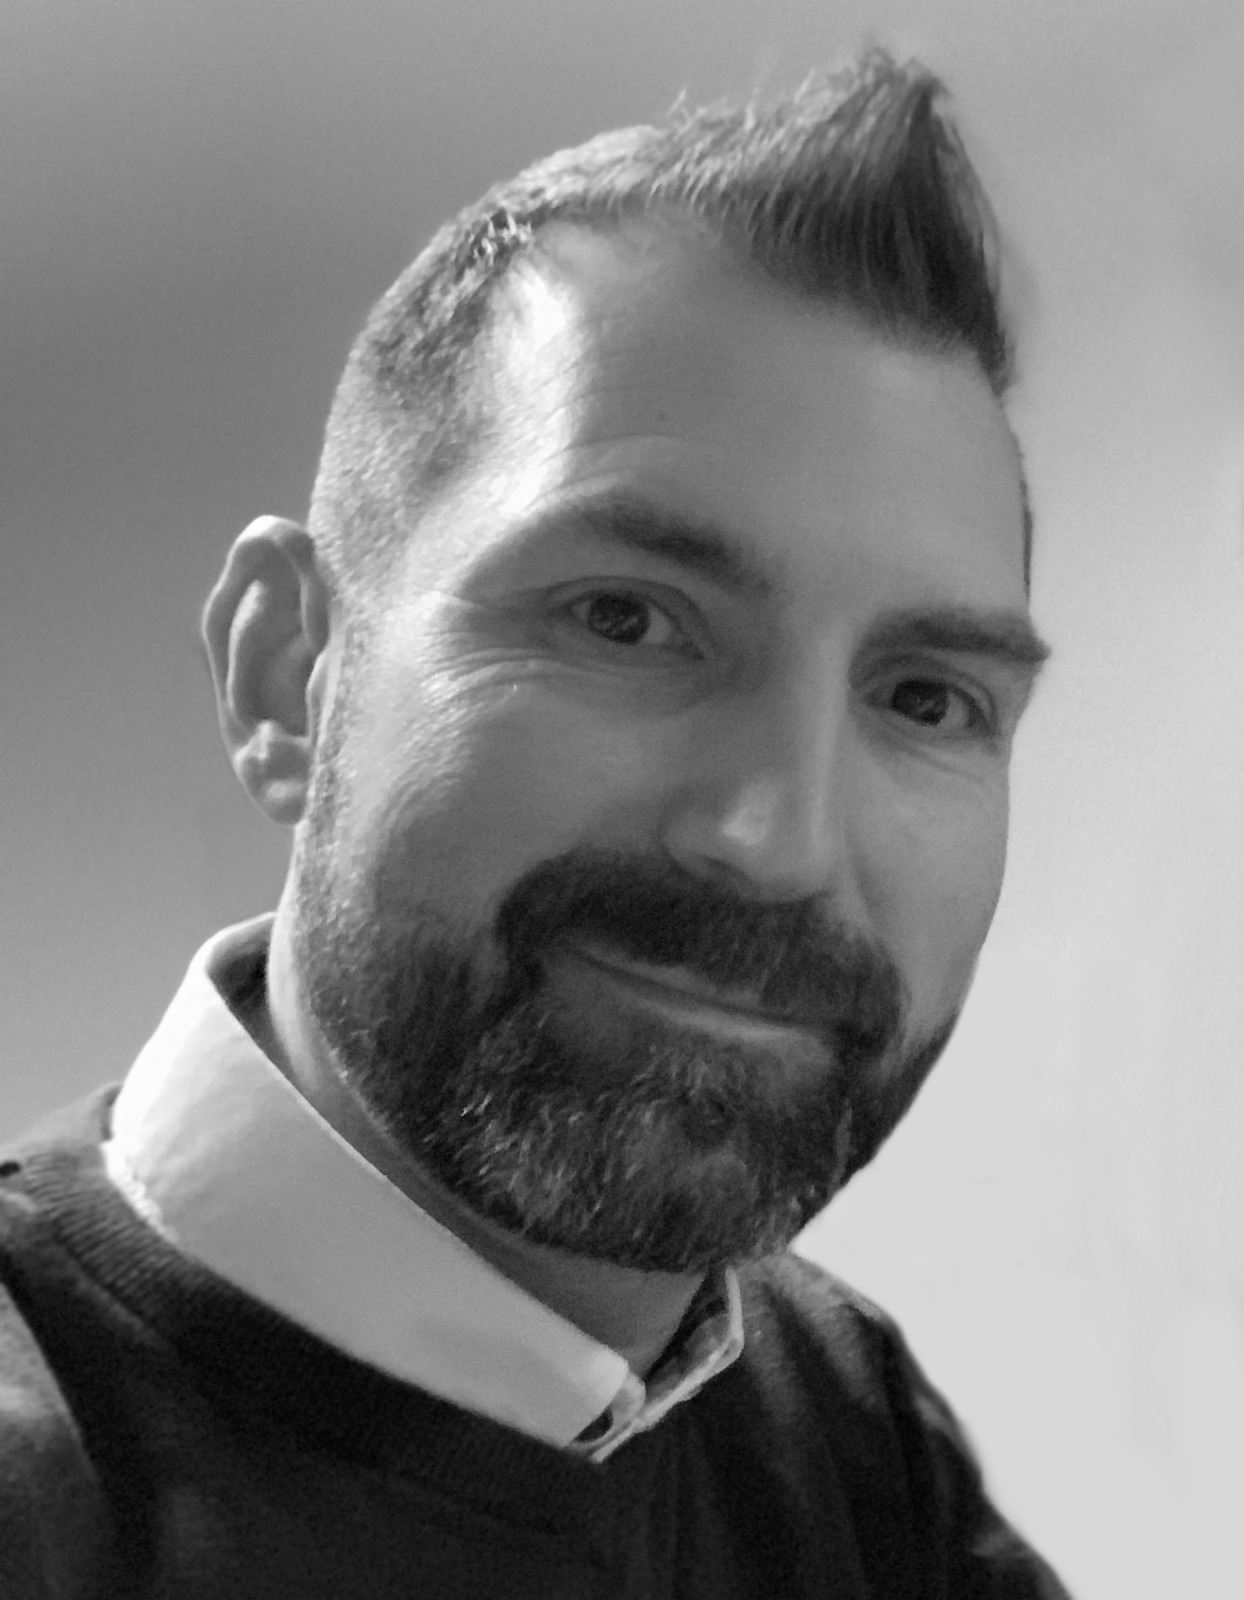 Sebastian Reifberger